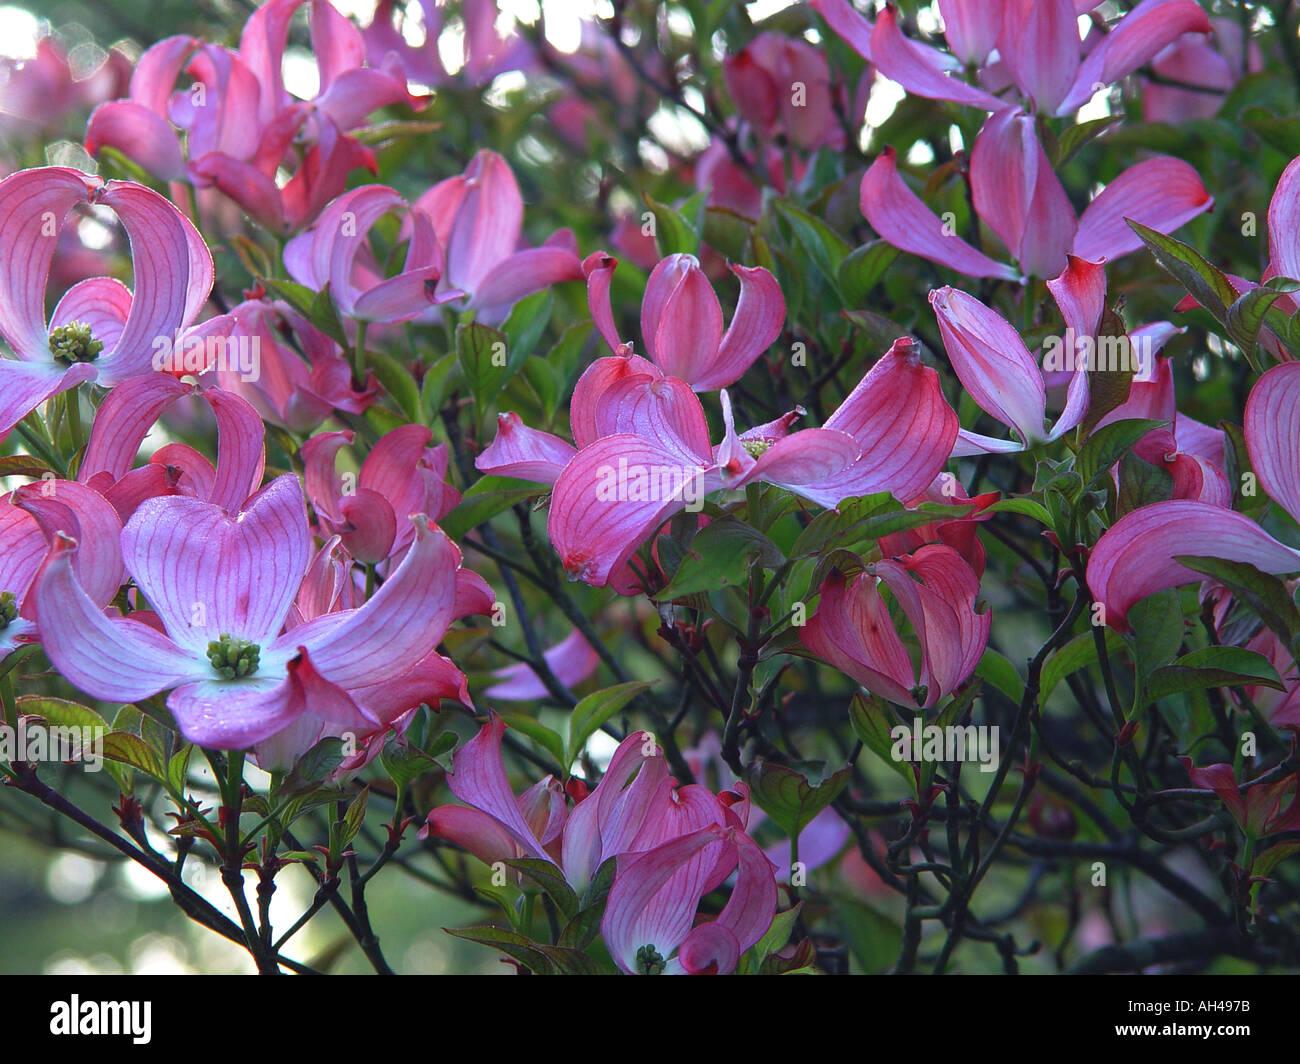 Cornus Florida Rubra Garden Spring Flowering Shrub With Pink